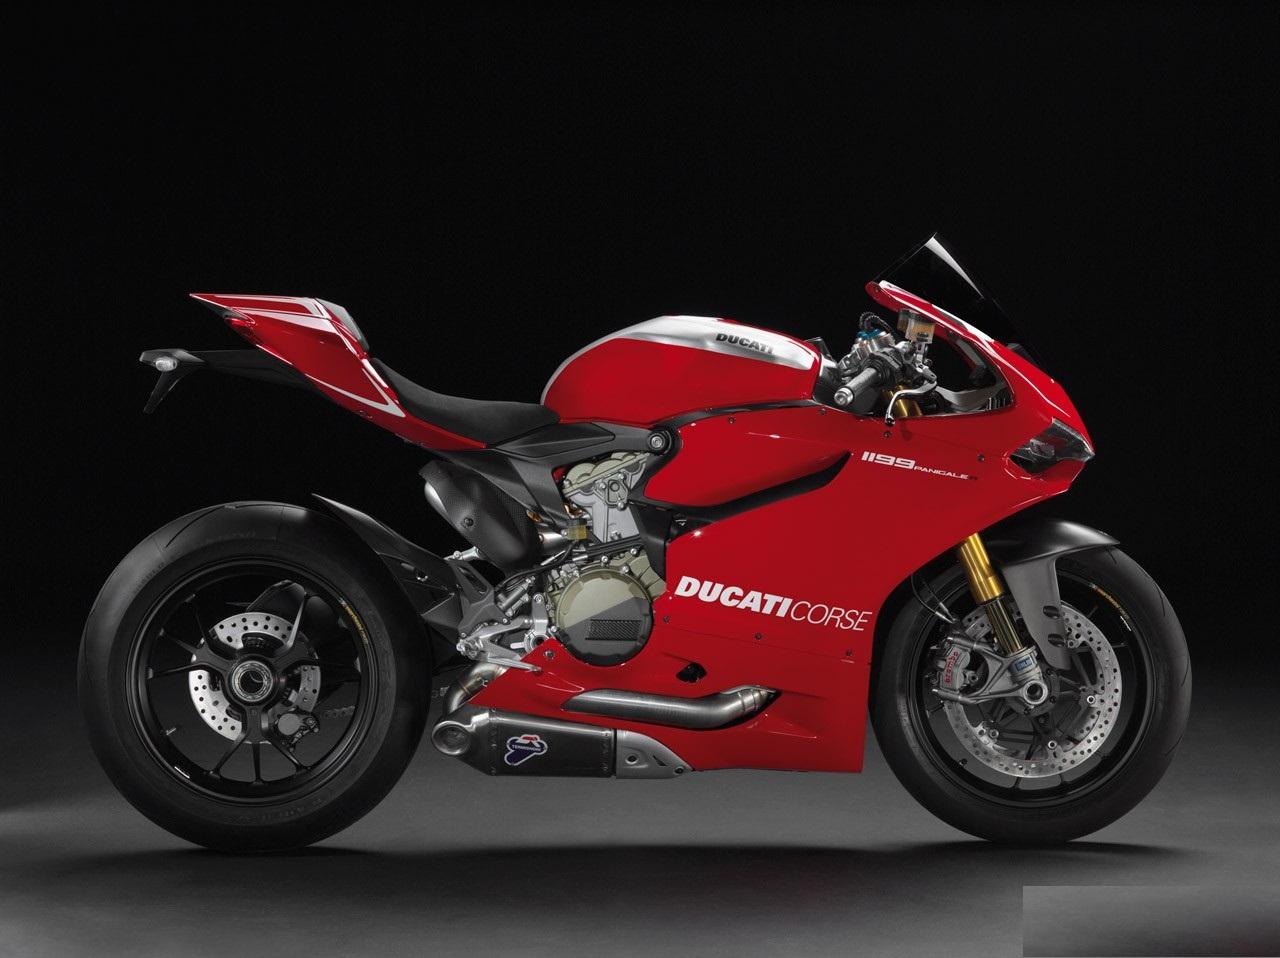 Auto Moto Nouvelles Photos De Moto Ducati Pour 2013